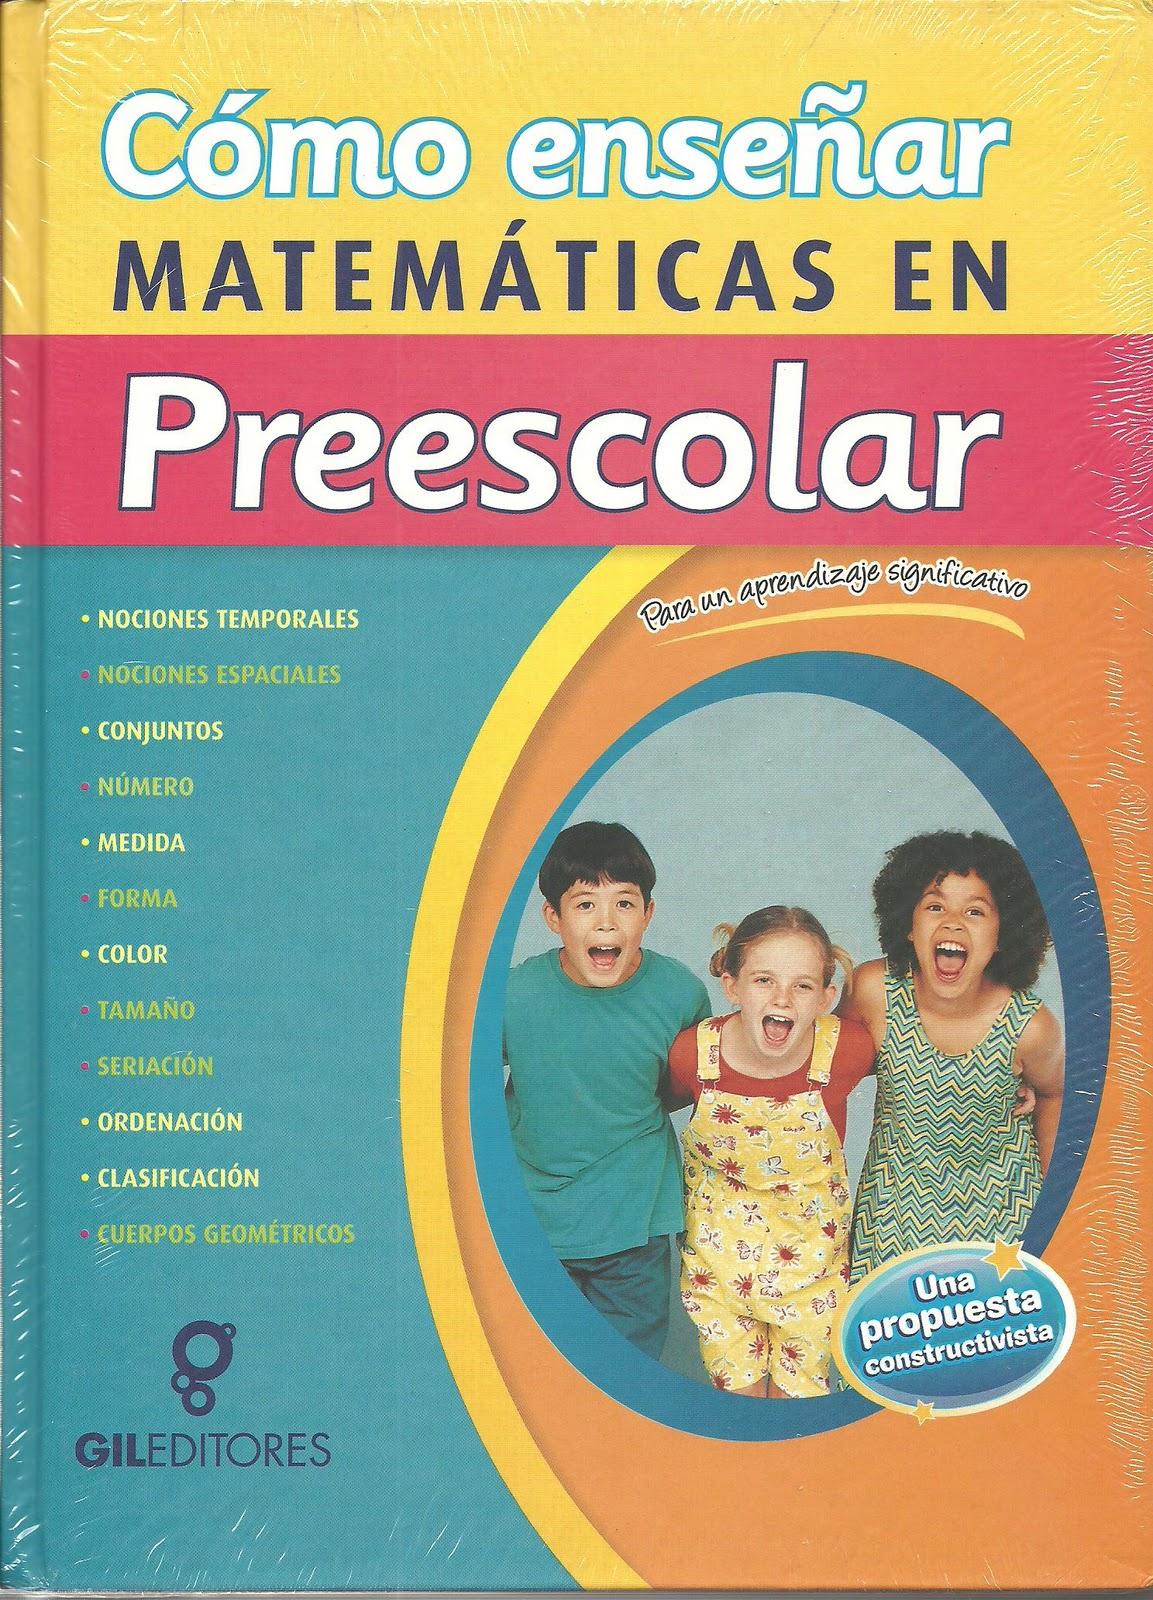 ENCICLOPEDIAS EDUCACI  N EN PREESCOLAR  PRIMARIA  SECUNDARIA Y M  S